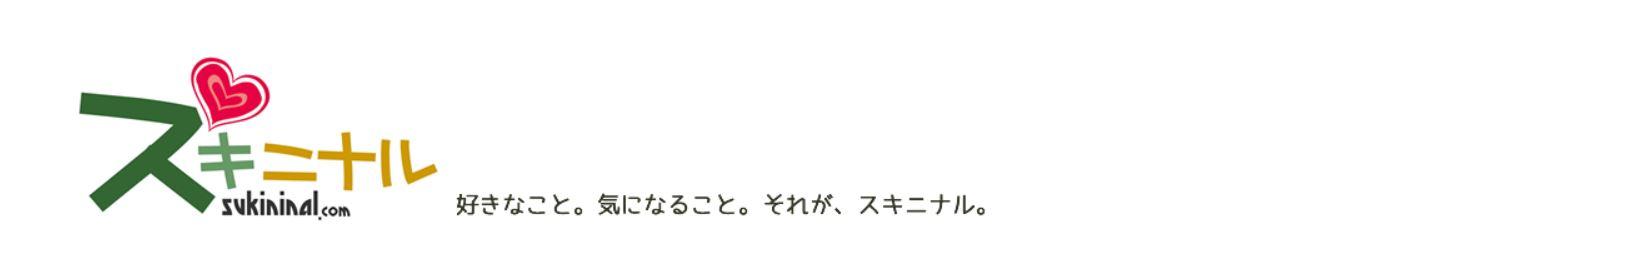 スキニナル.COM